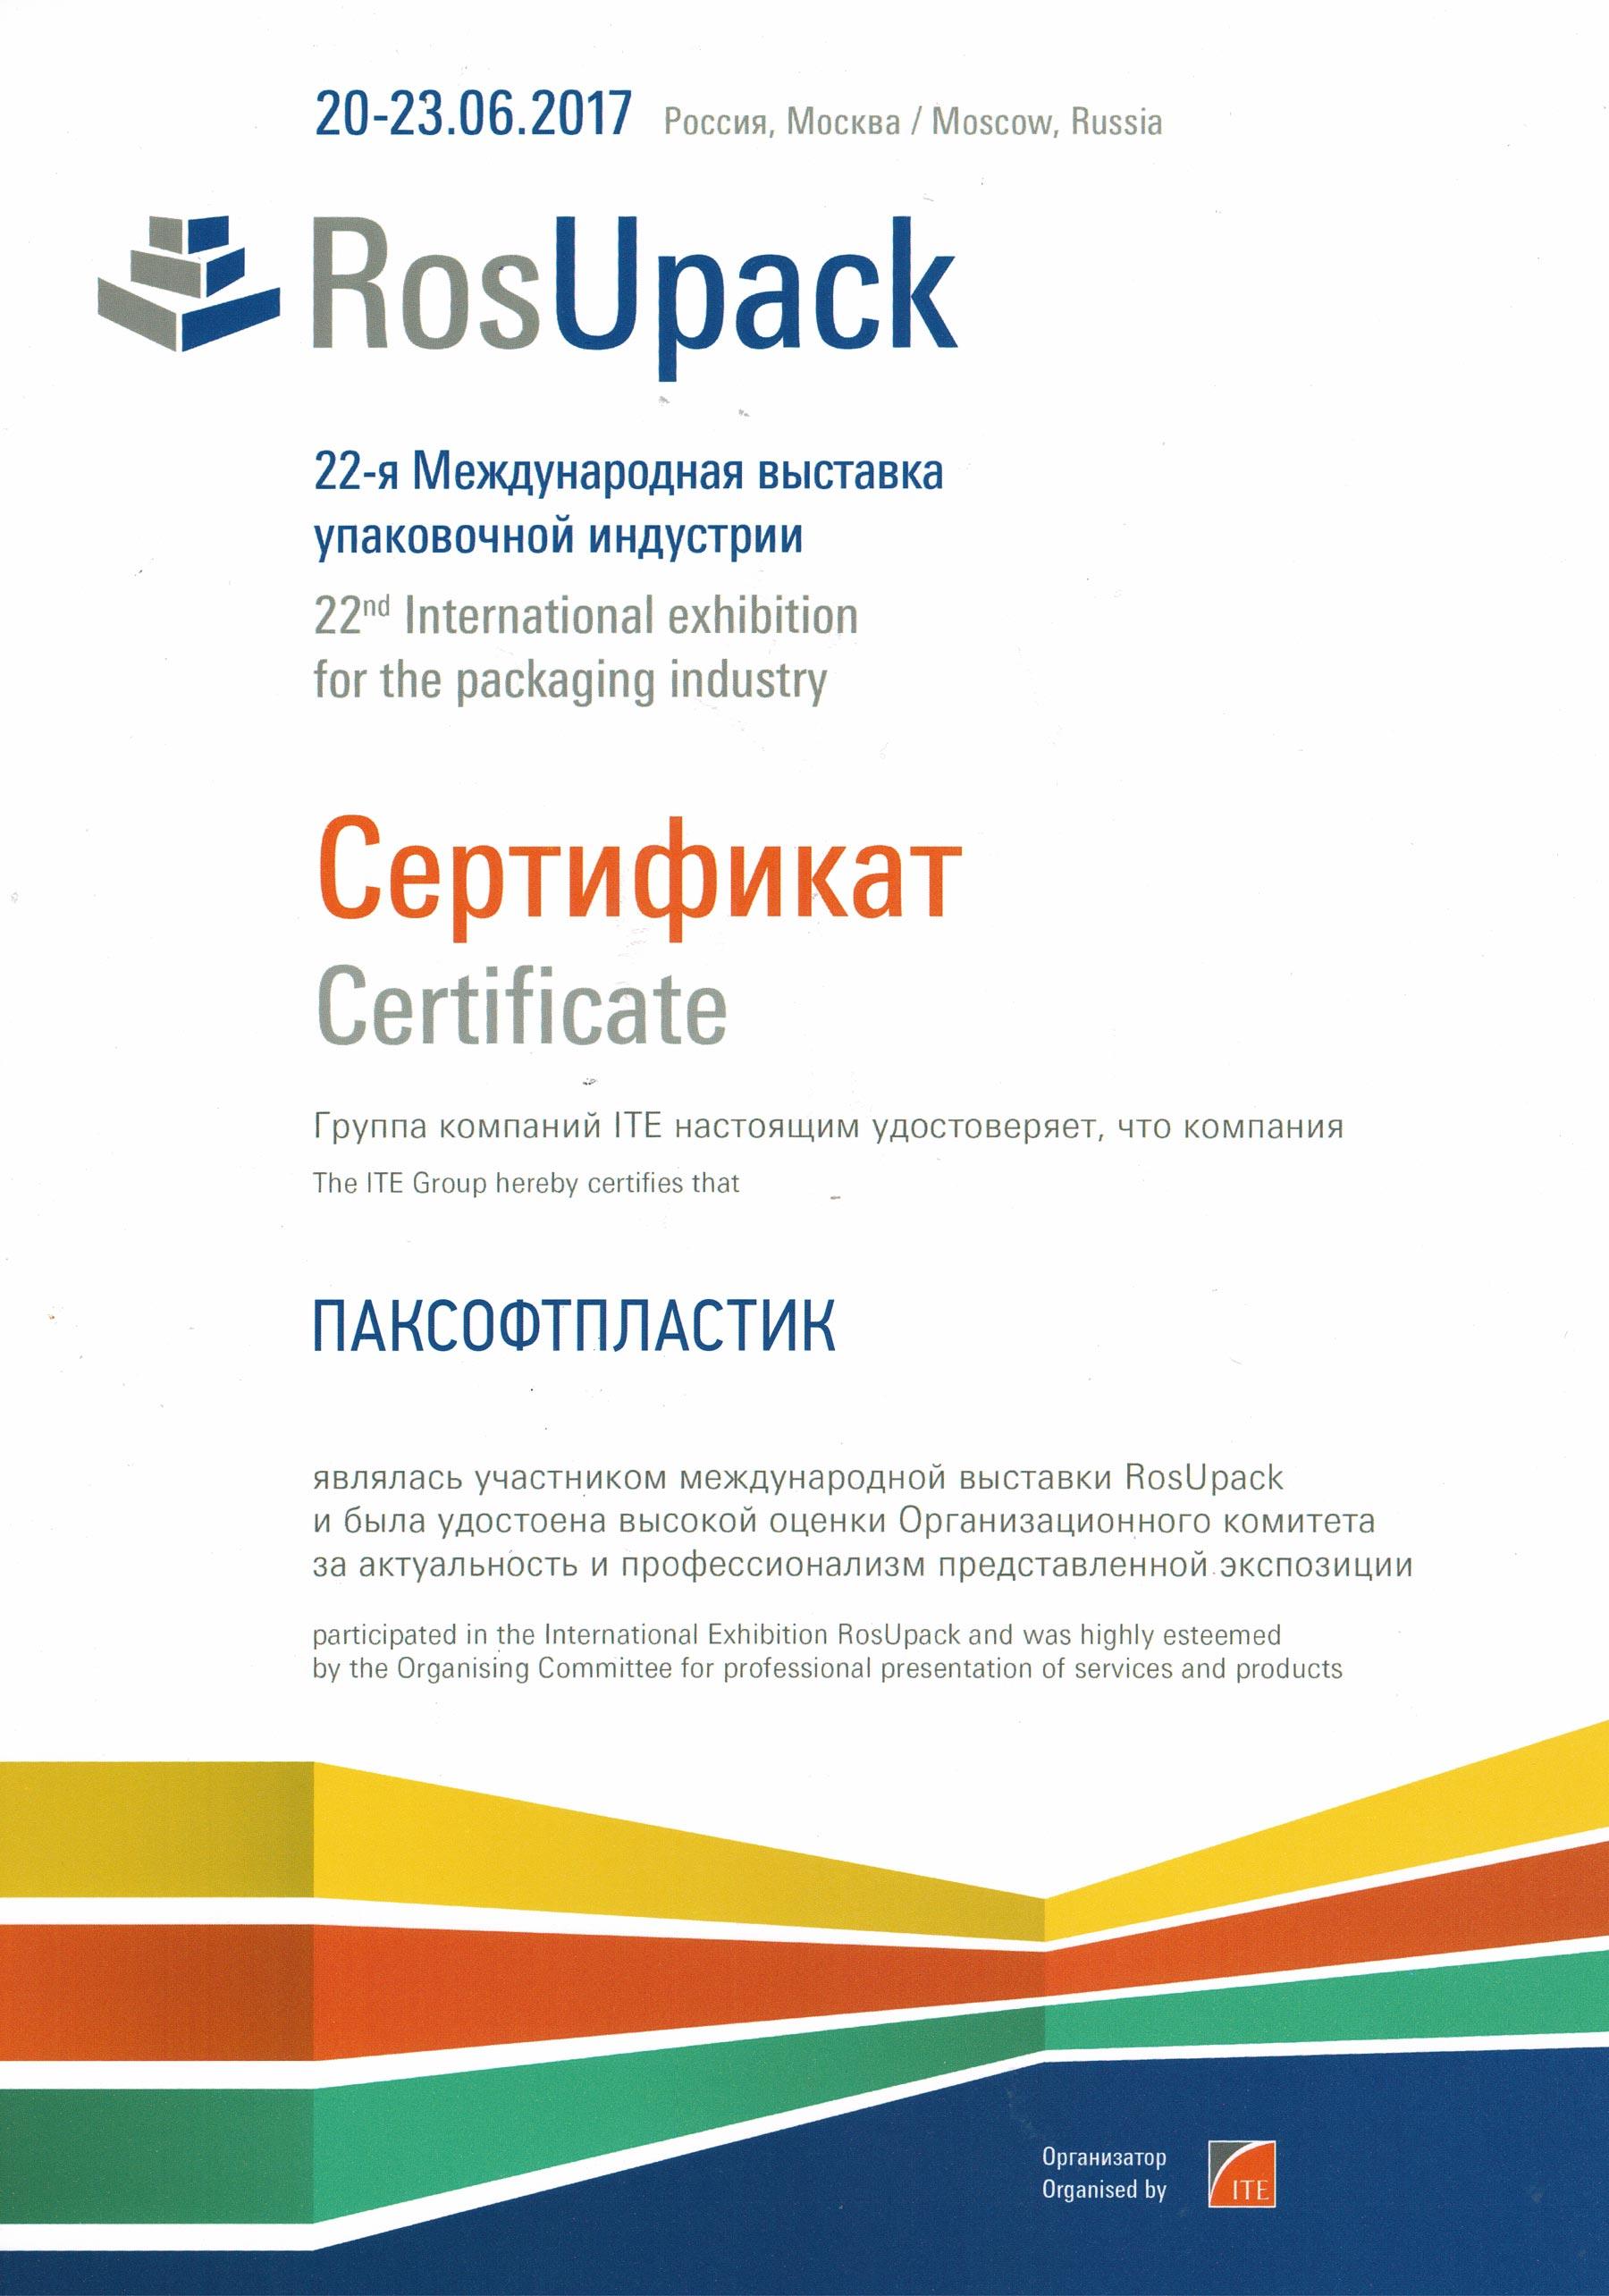 Сертификат ежегодной выставки ROSUPACK